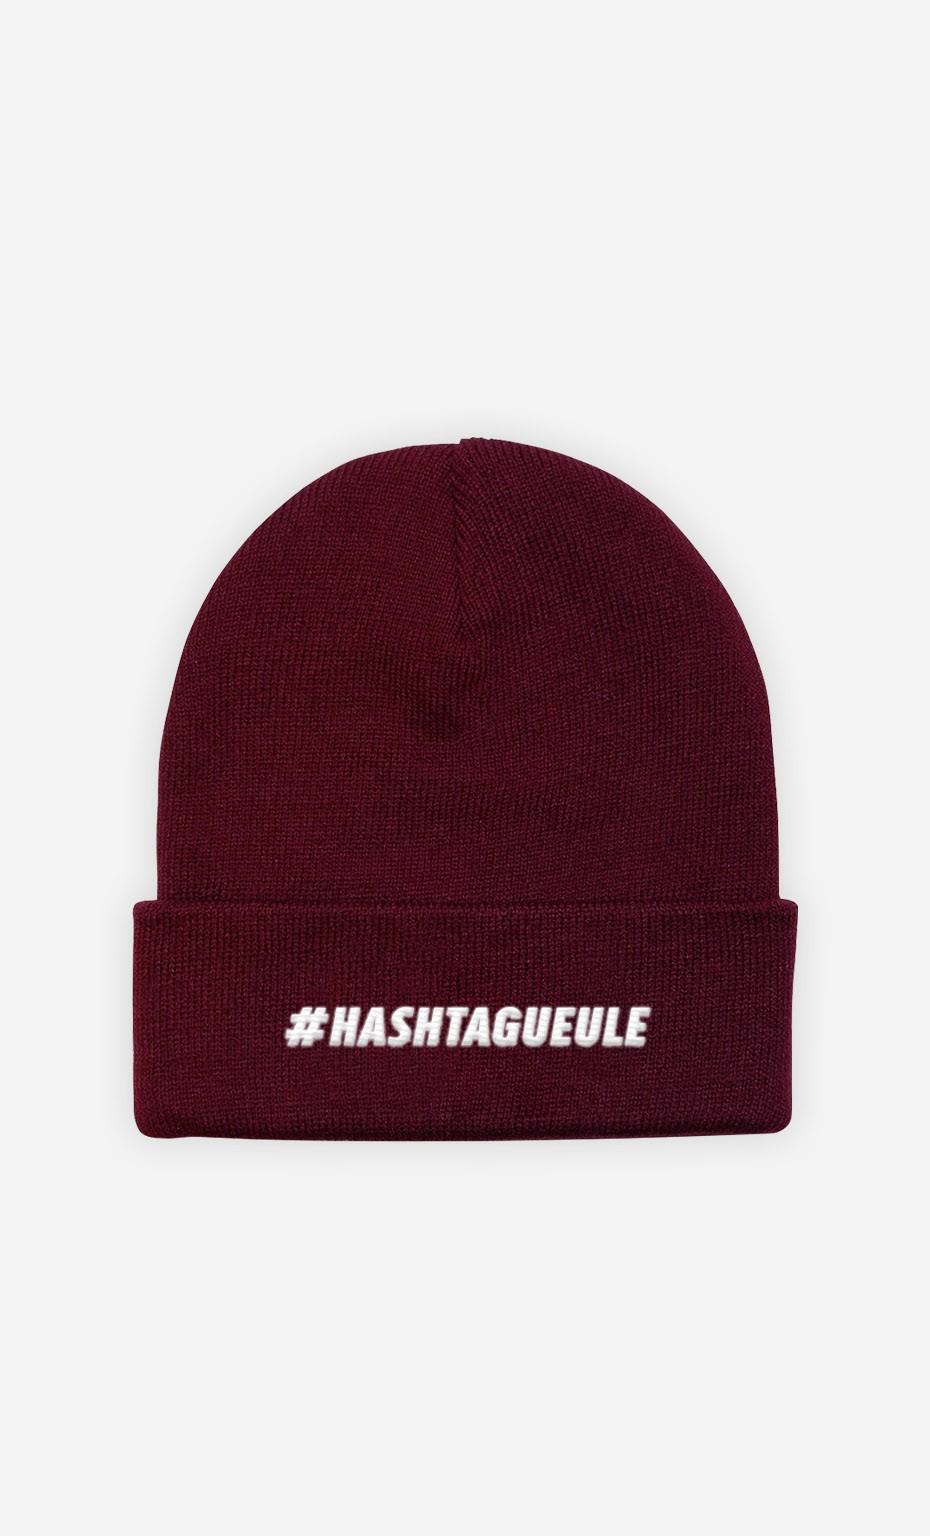 Bonnet Hashtagueule